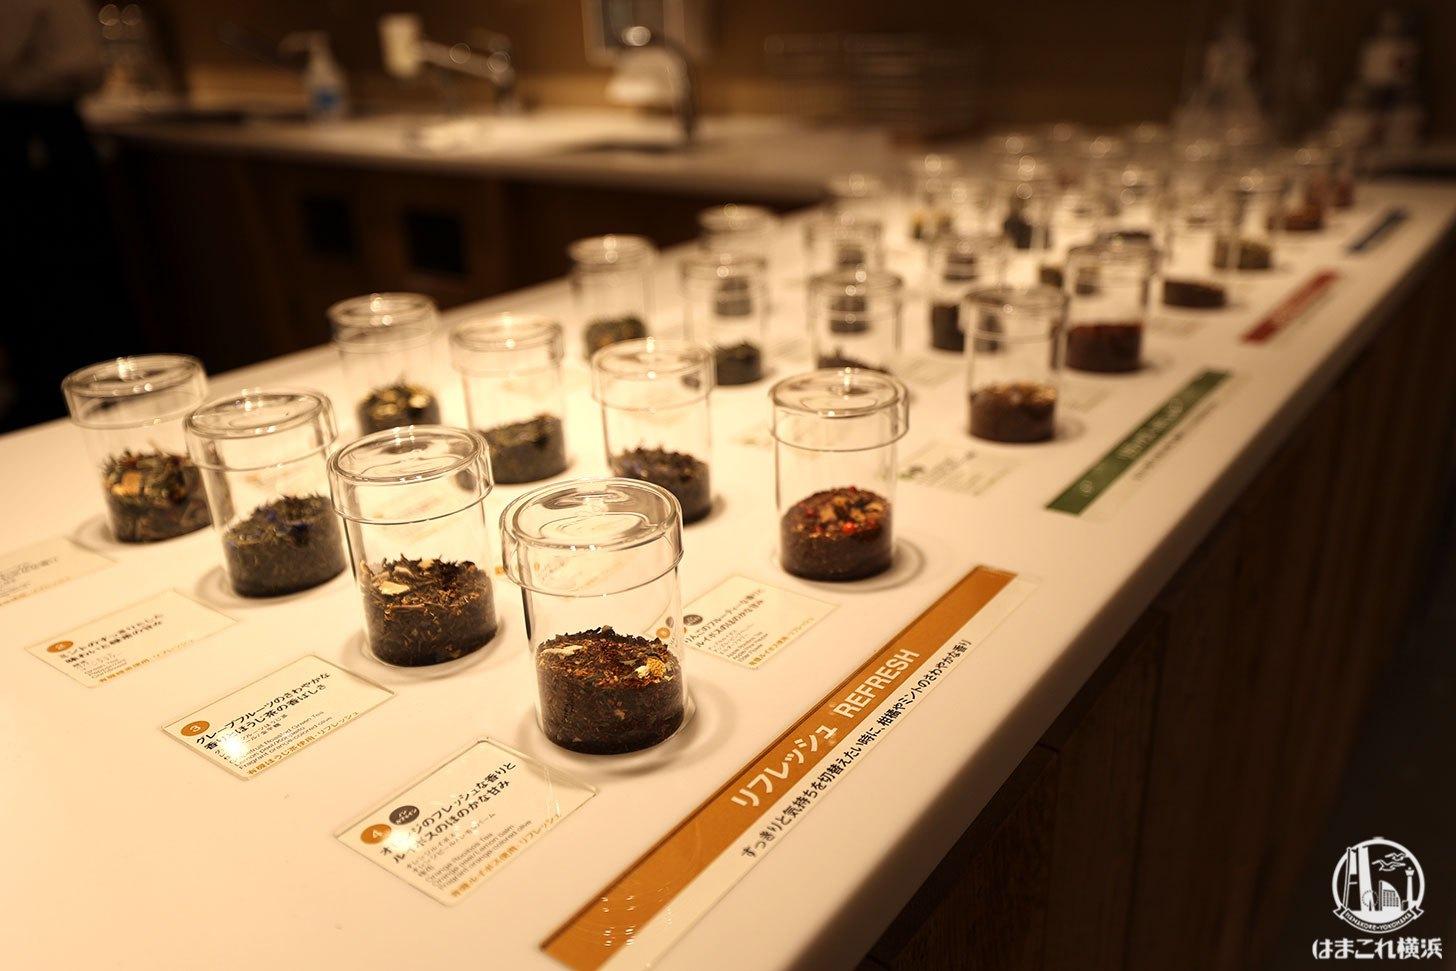 無印良品の茶葉量り売り「ブレンドティー工房」横浜に初上陸!人気茶葉を買ってみた